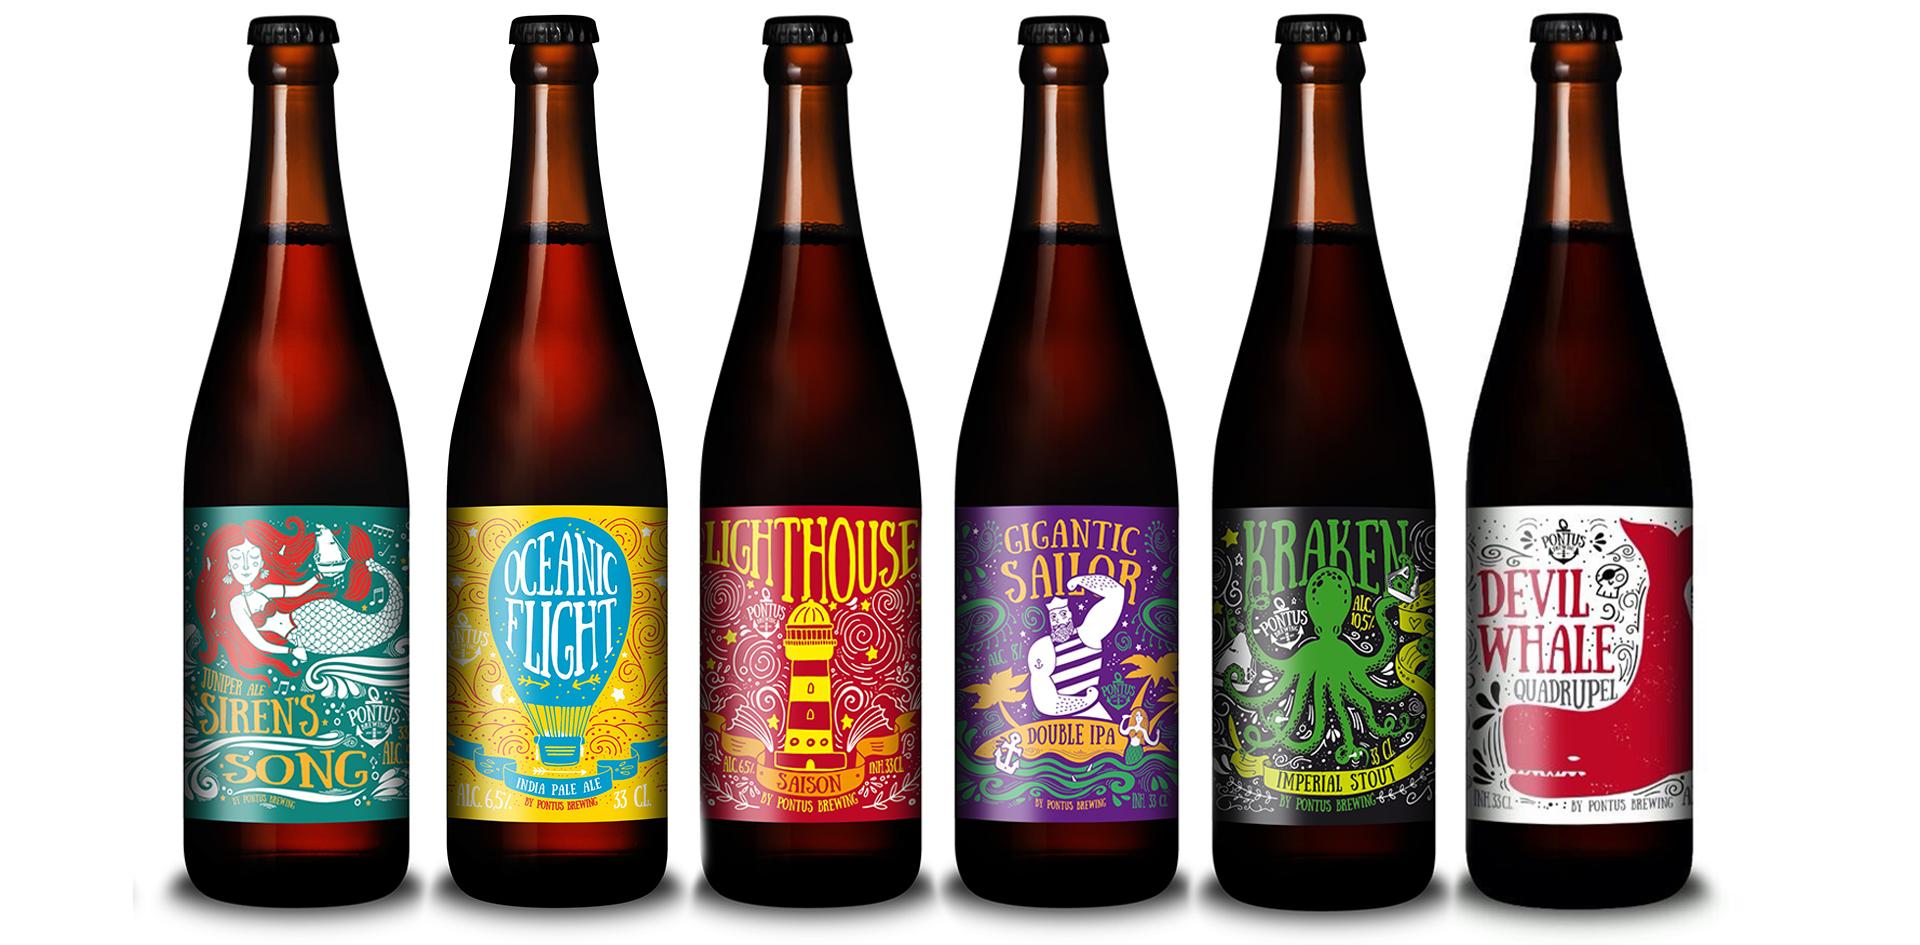 nectar-utrecht-pils-bier-brouwerij-nederland-streekbier-amsterdam-pontus-assortiment